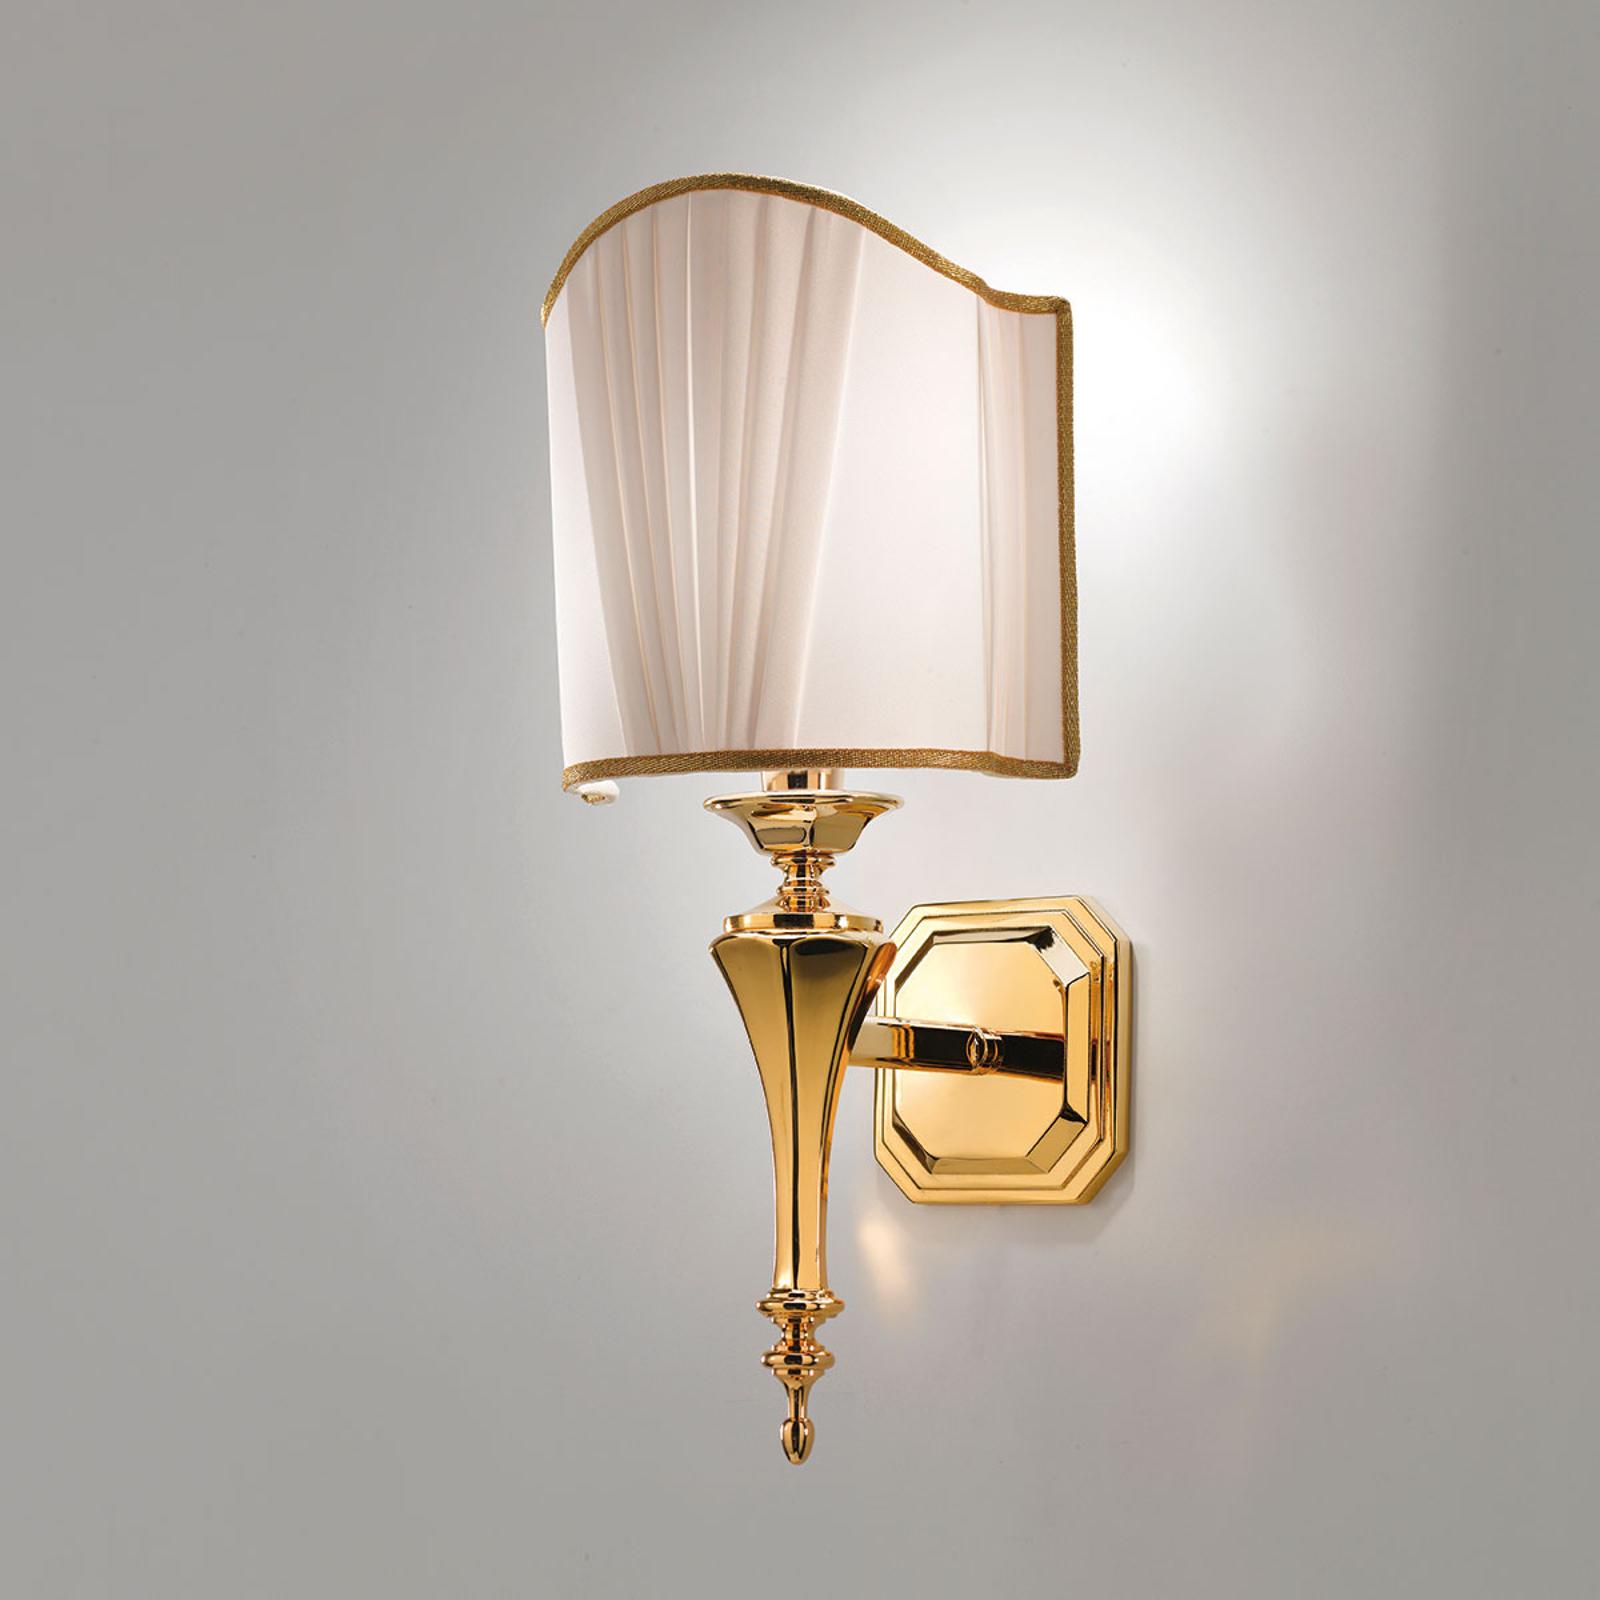 Belle Epoque - stijlvolle wandlamp in goud